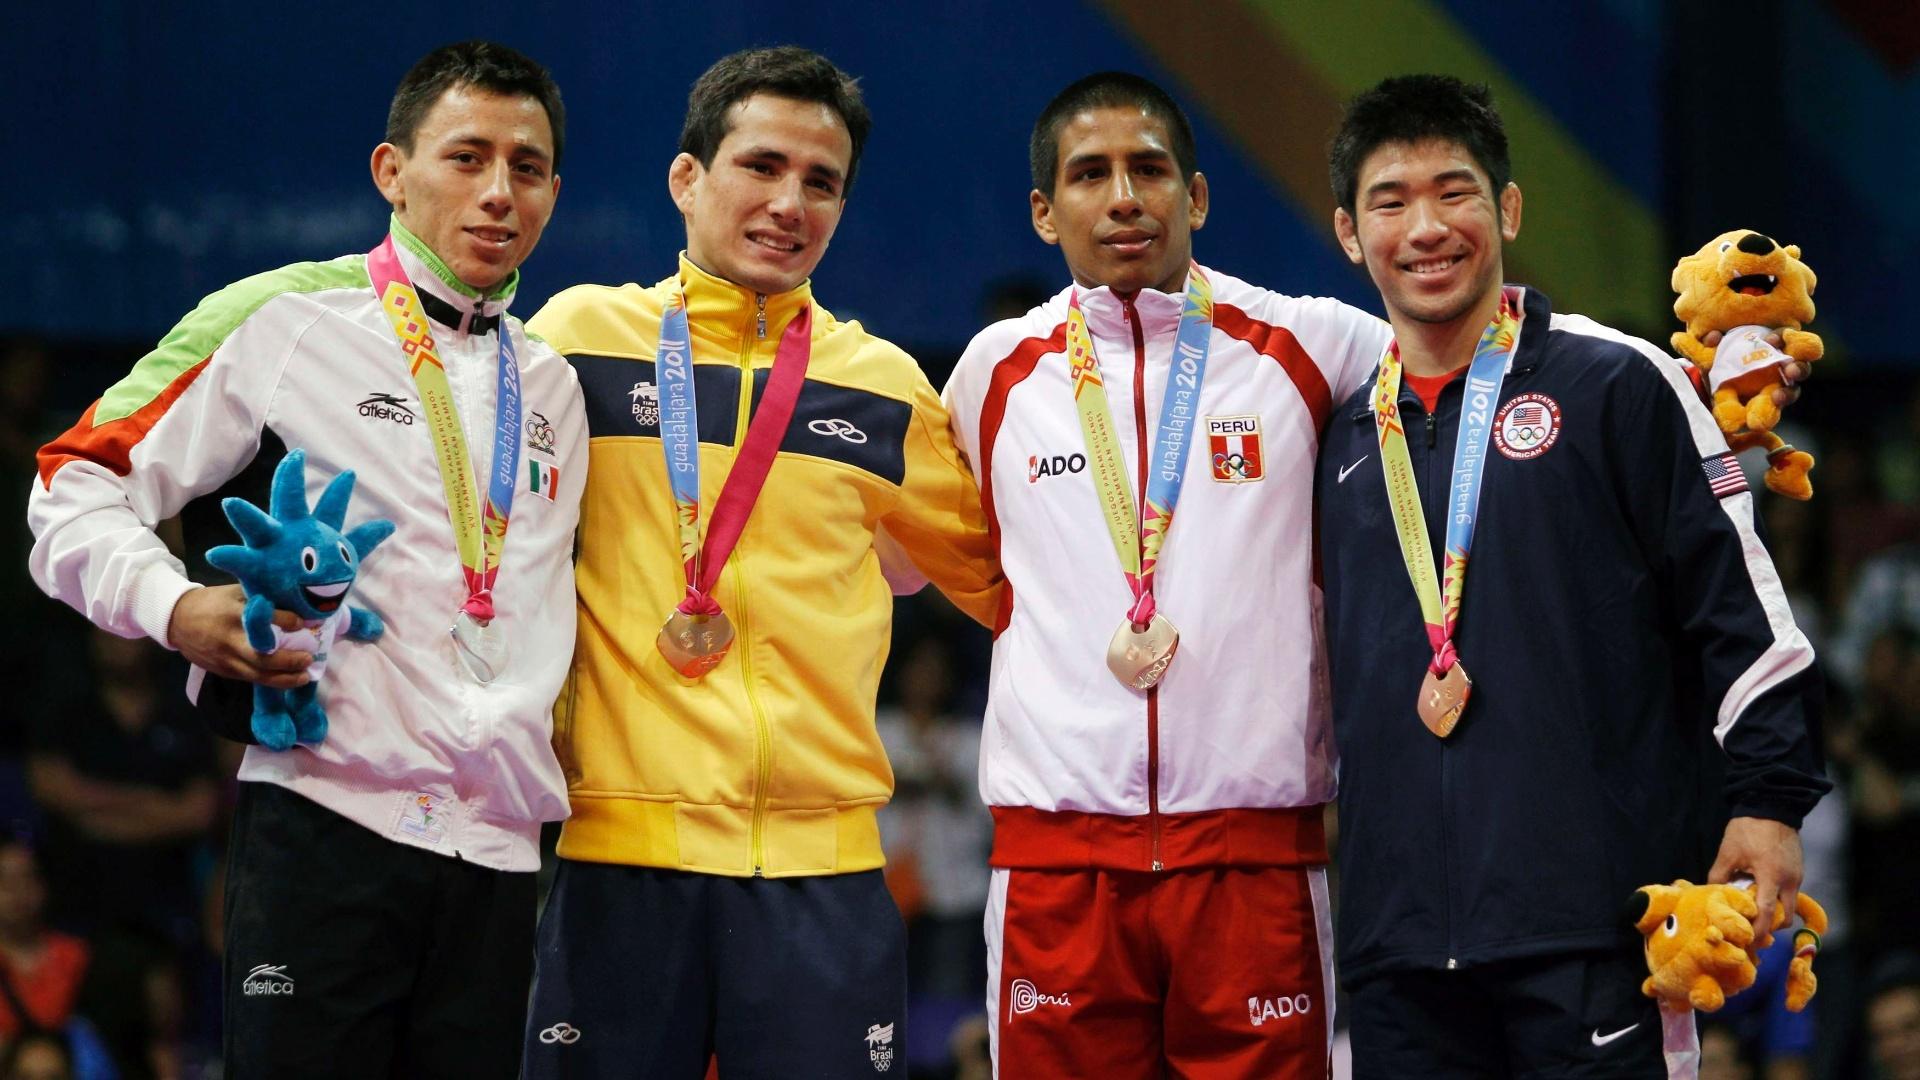 Felipe Kitadai foi medalha de ouro no judô, categoria até 60kg (29/10/2011)